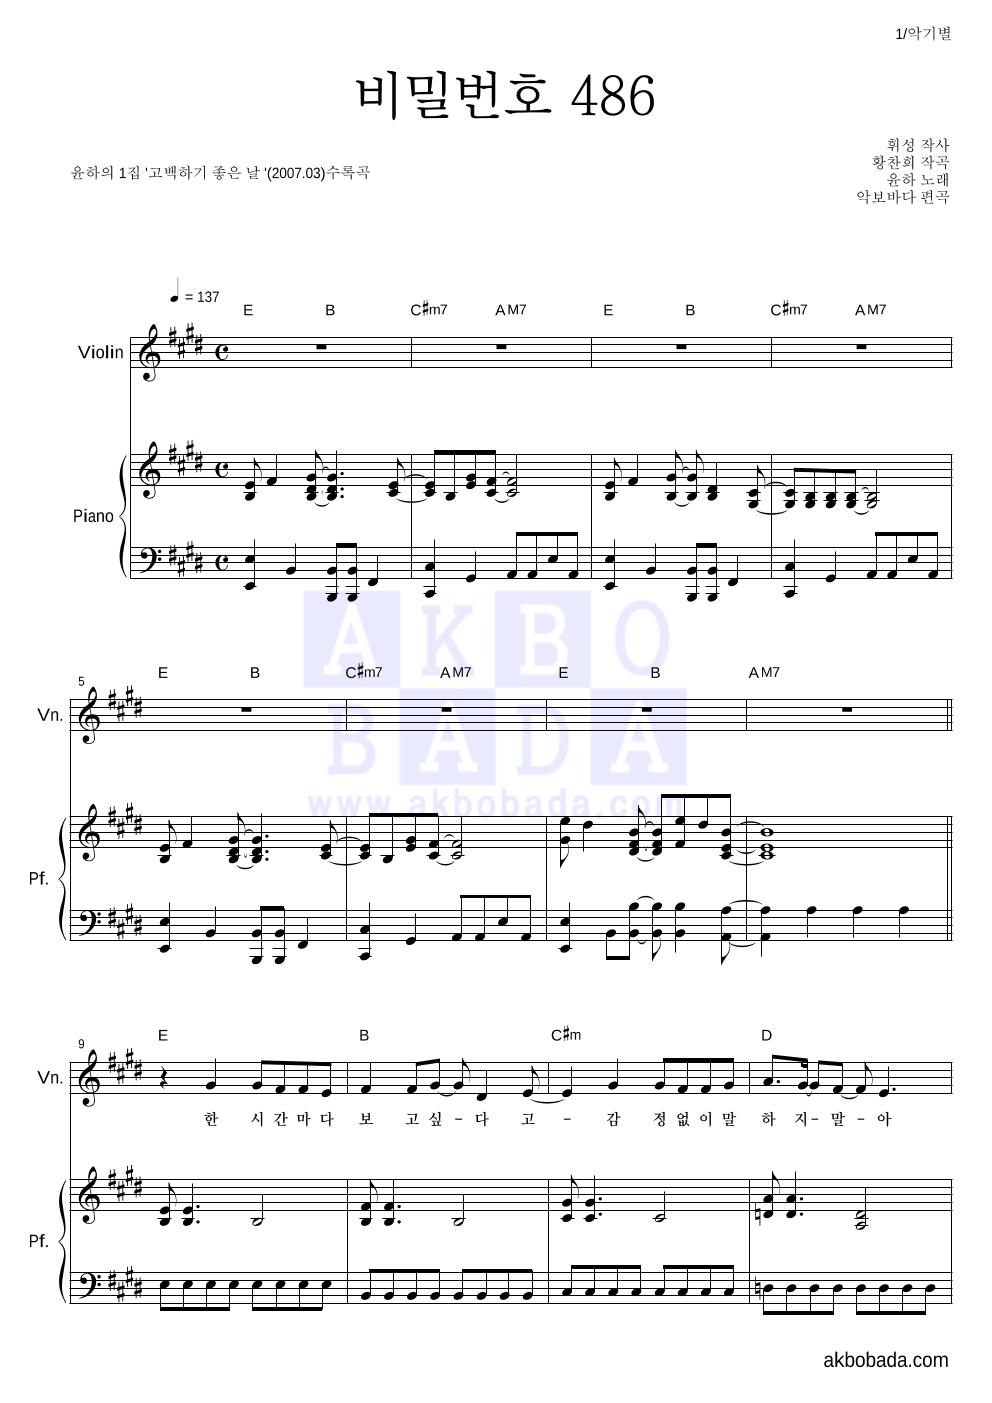 윤하 - 비밀번호 486 바이올린&피아노 악보